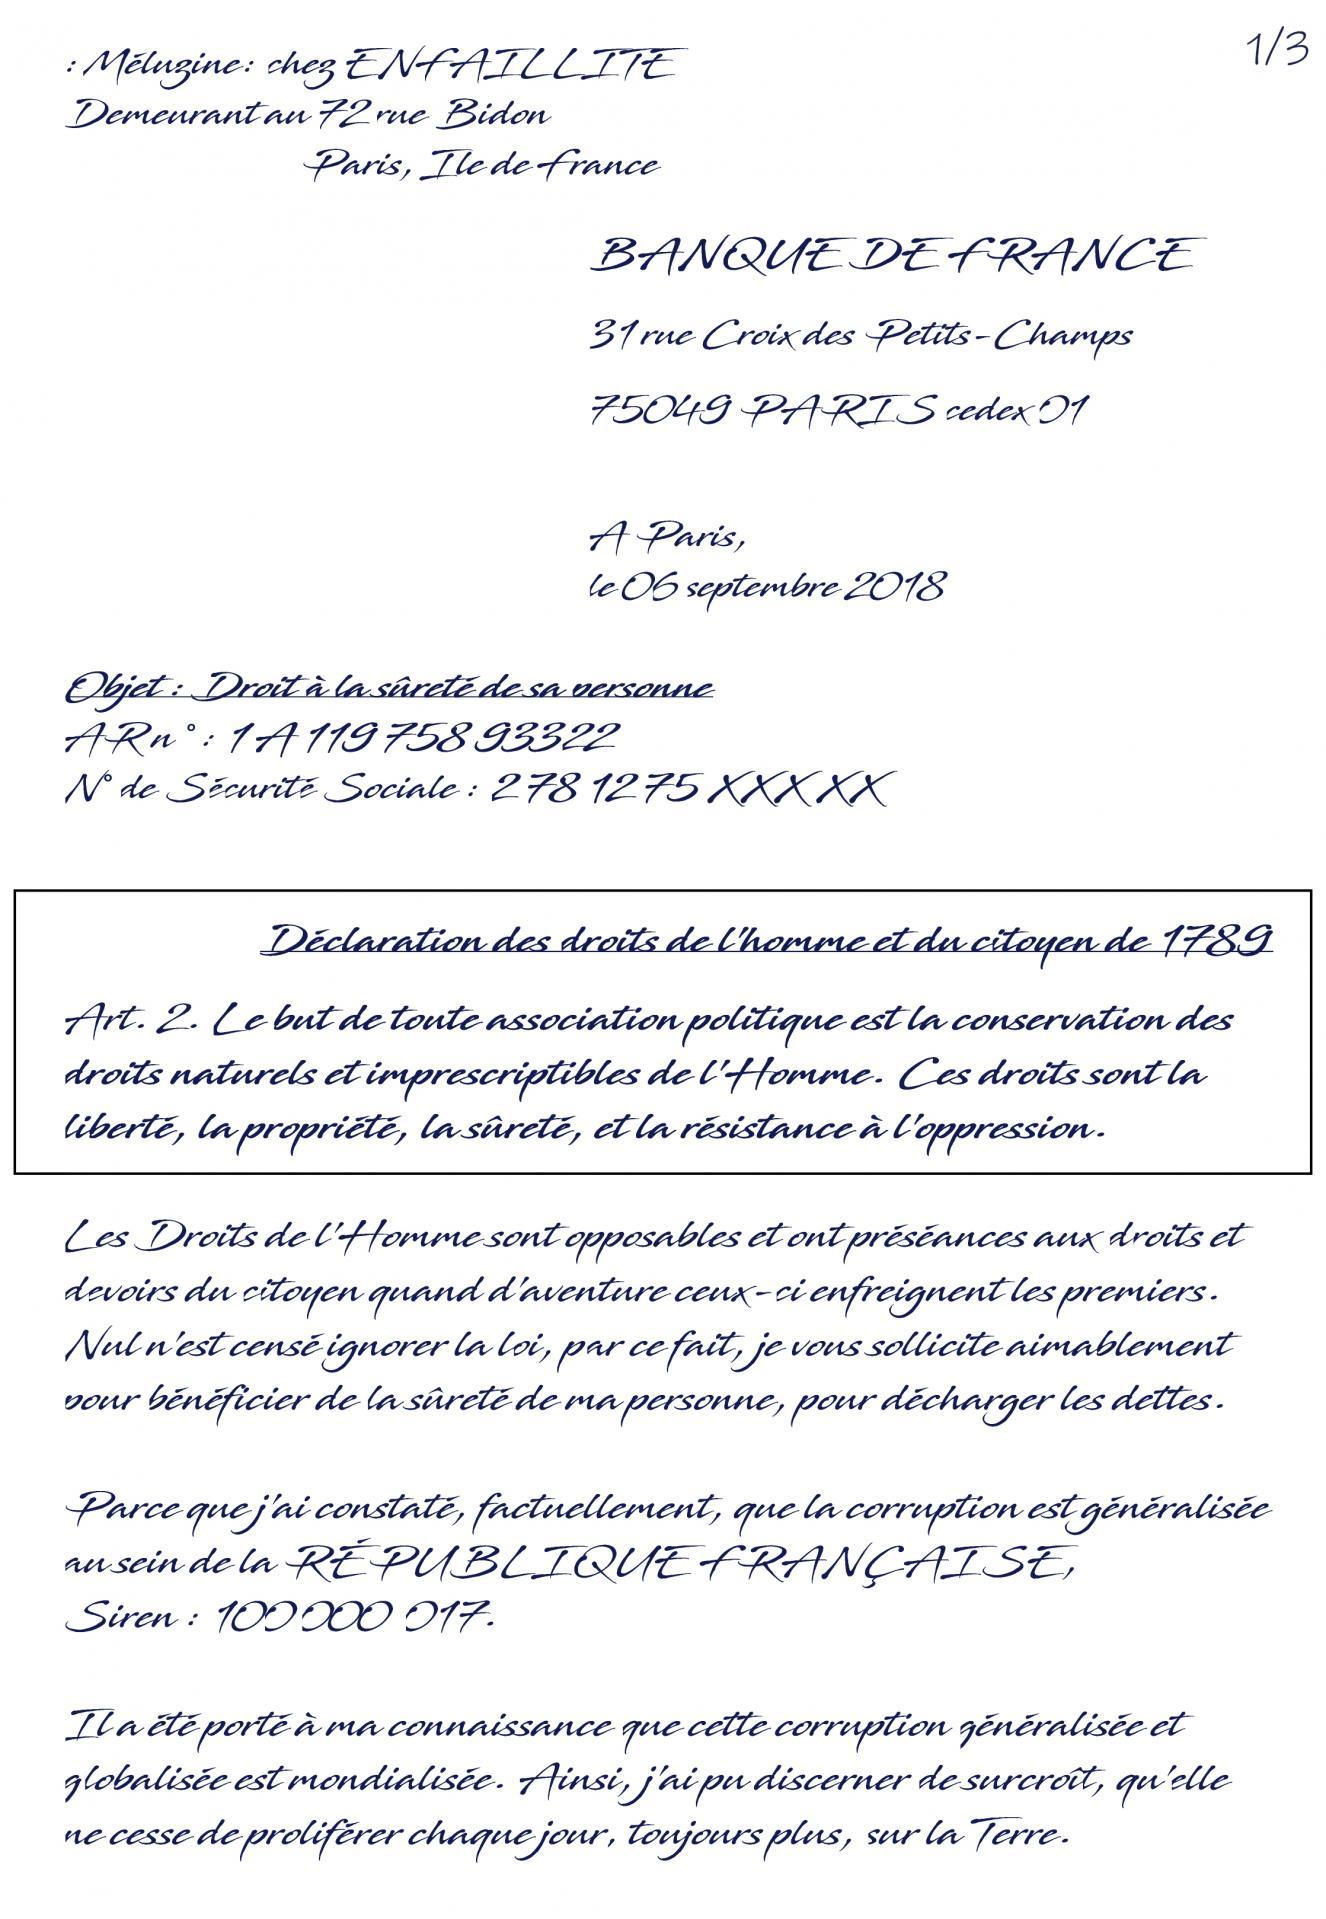 Ex lettre sûreté de sa personne bdf 1